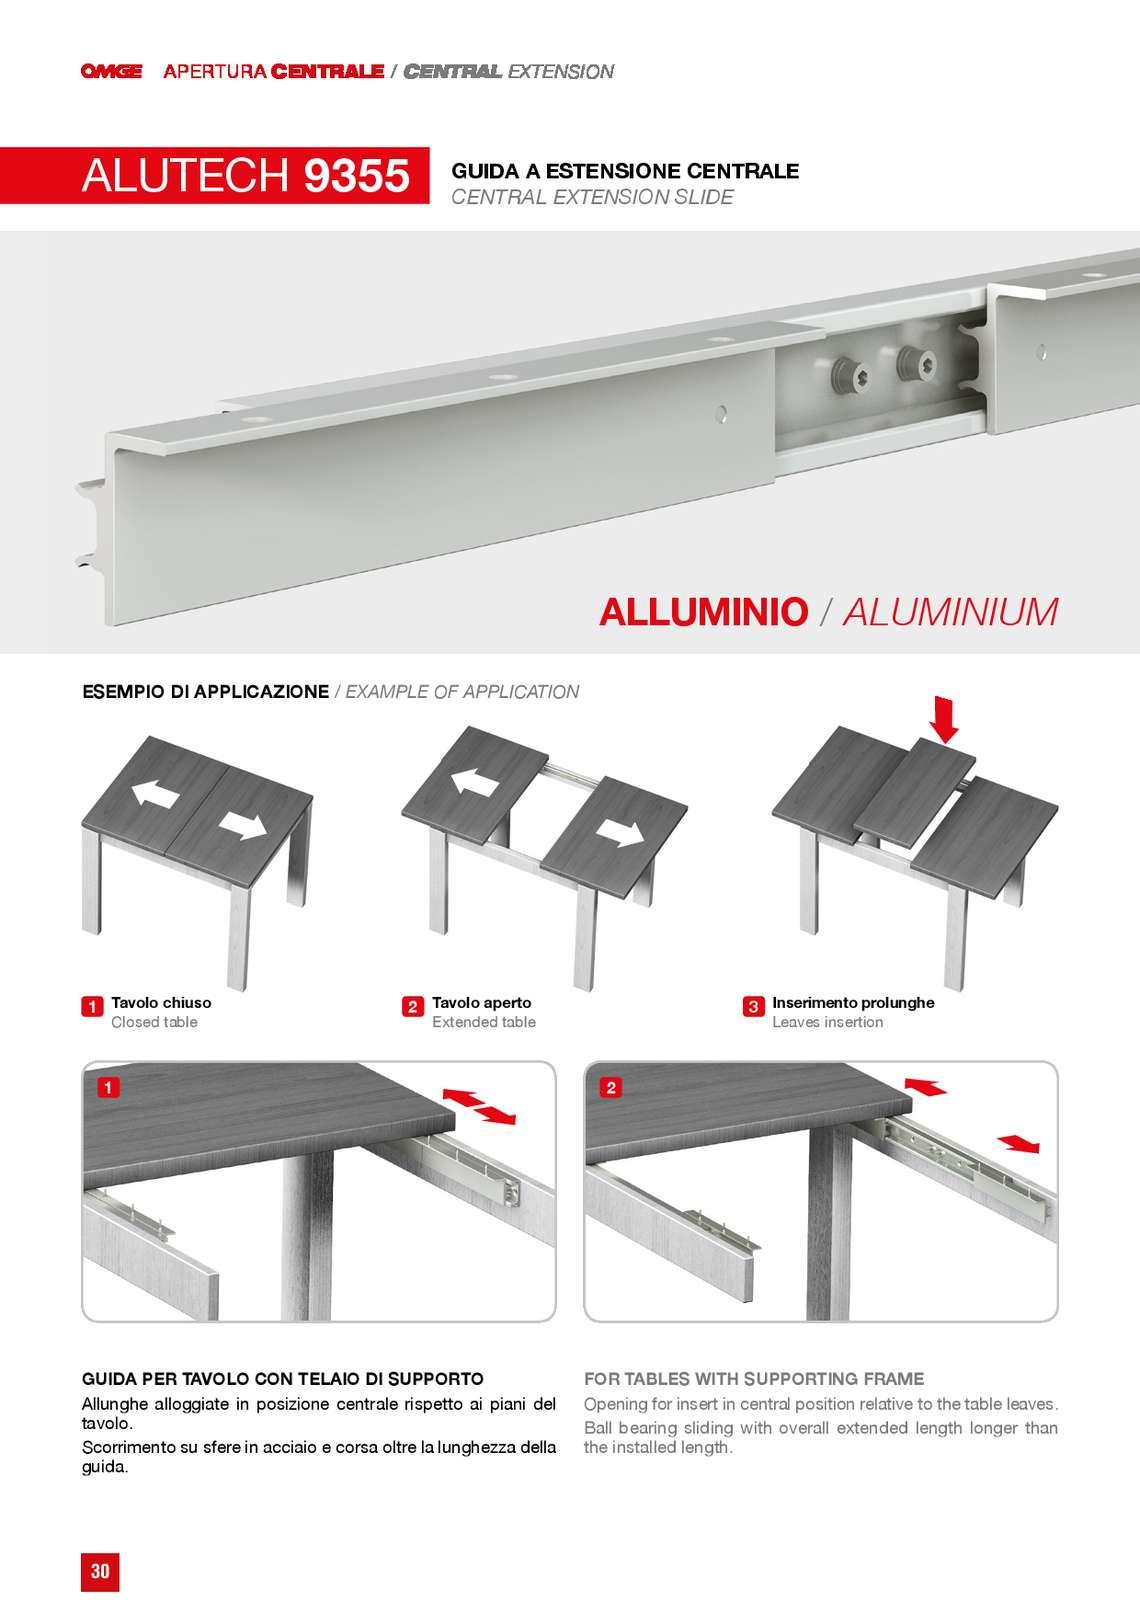 guide-per-allungamento-tavoli_163_029.jpg